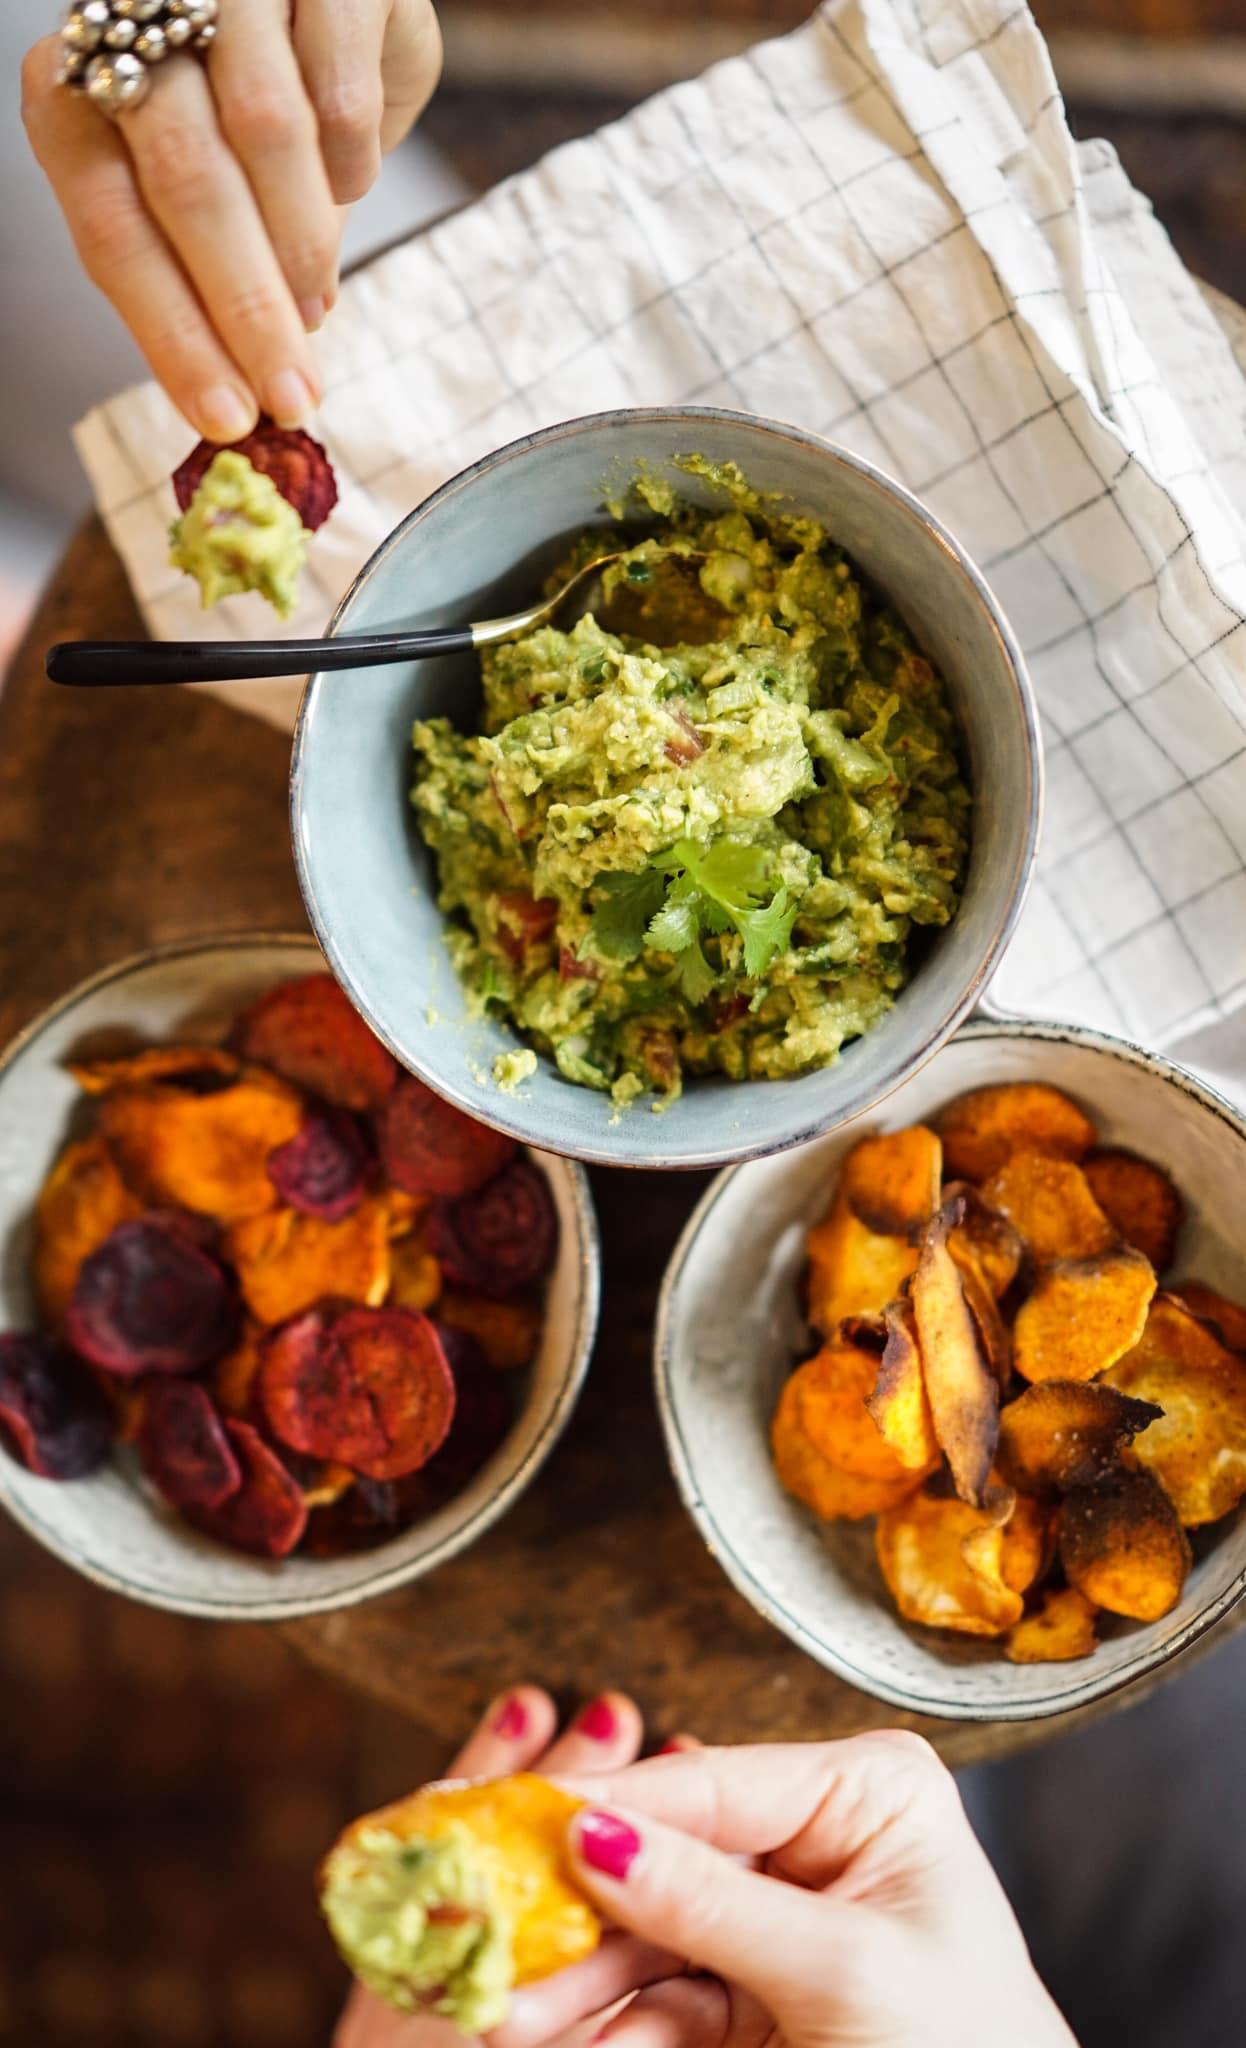 Gemüsechips & Guacamole – ein gesunder Snack